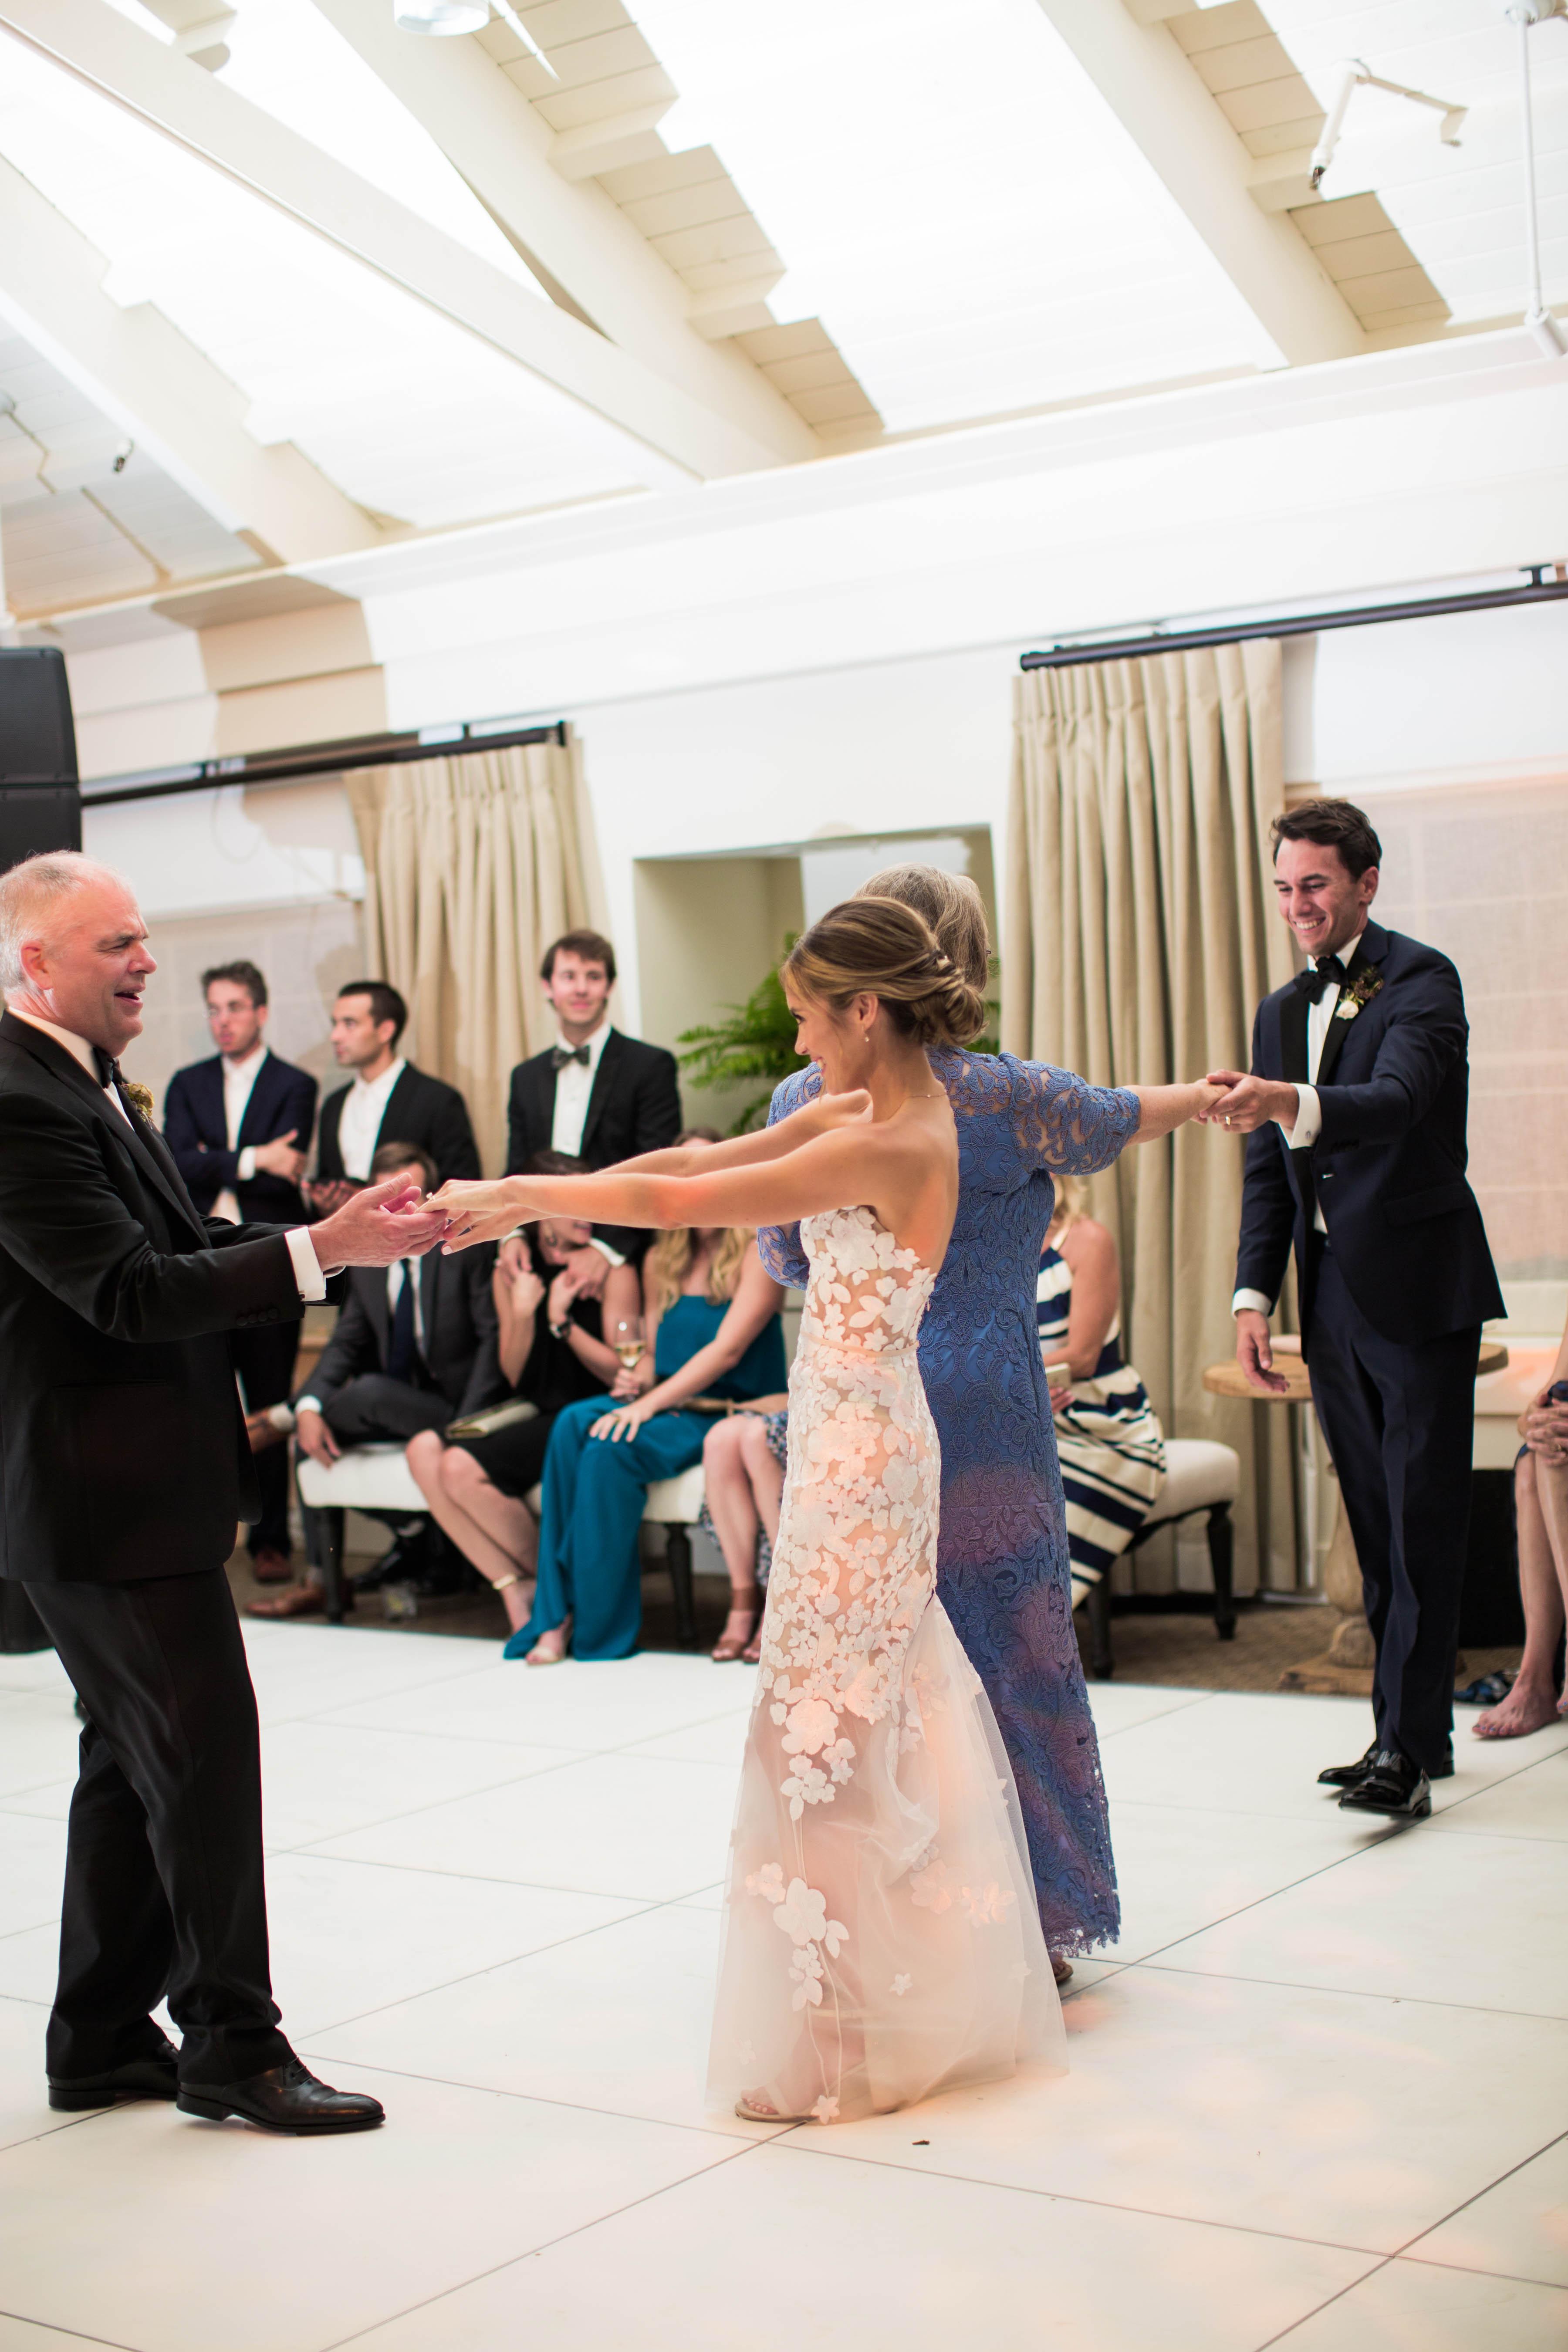 caitlin michael wedding parent dances